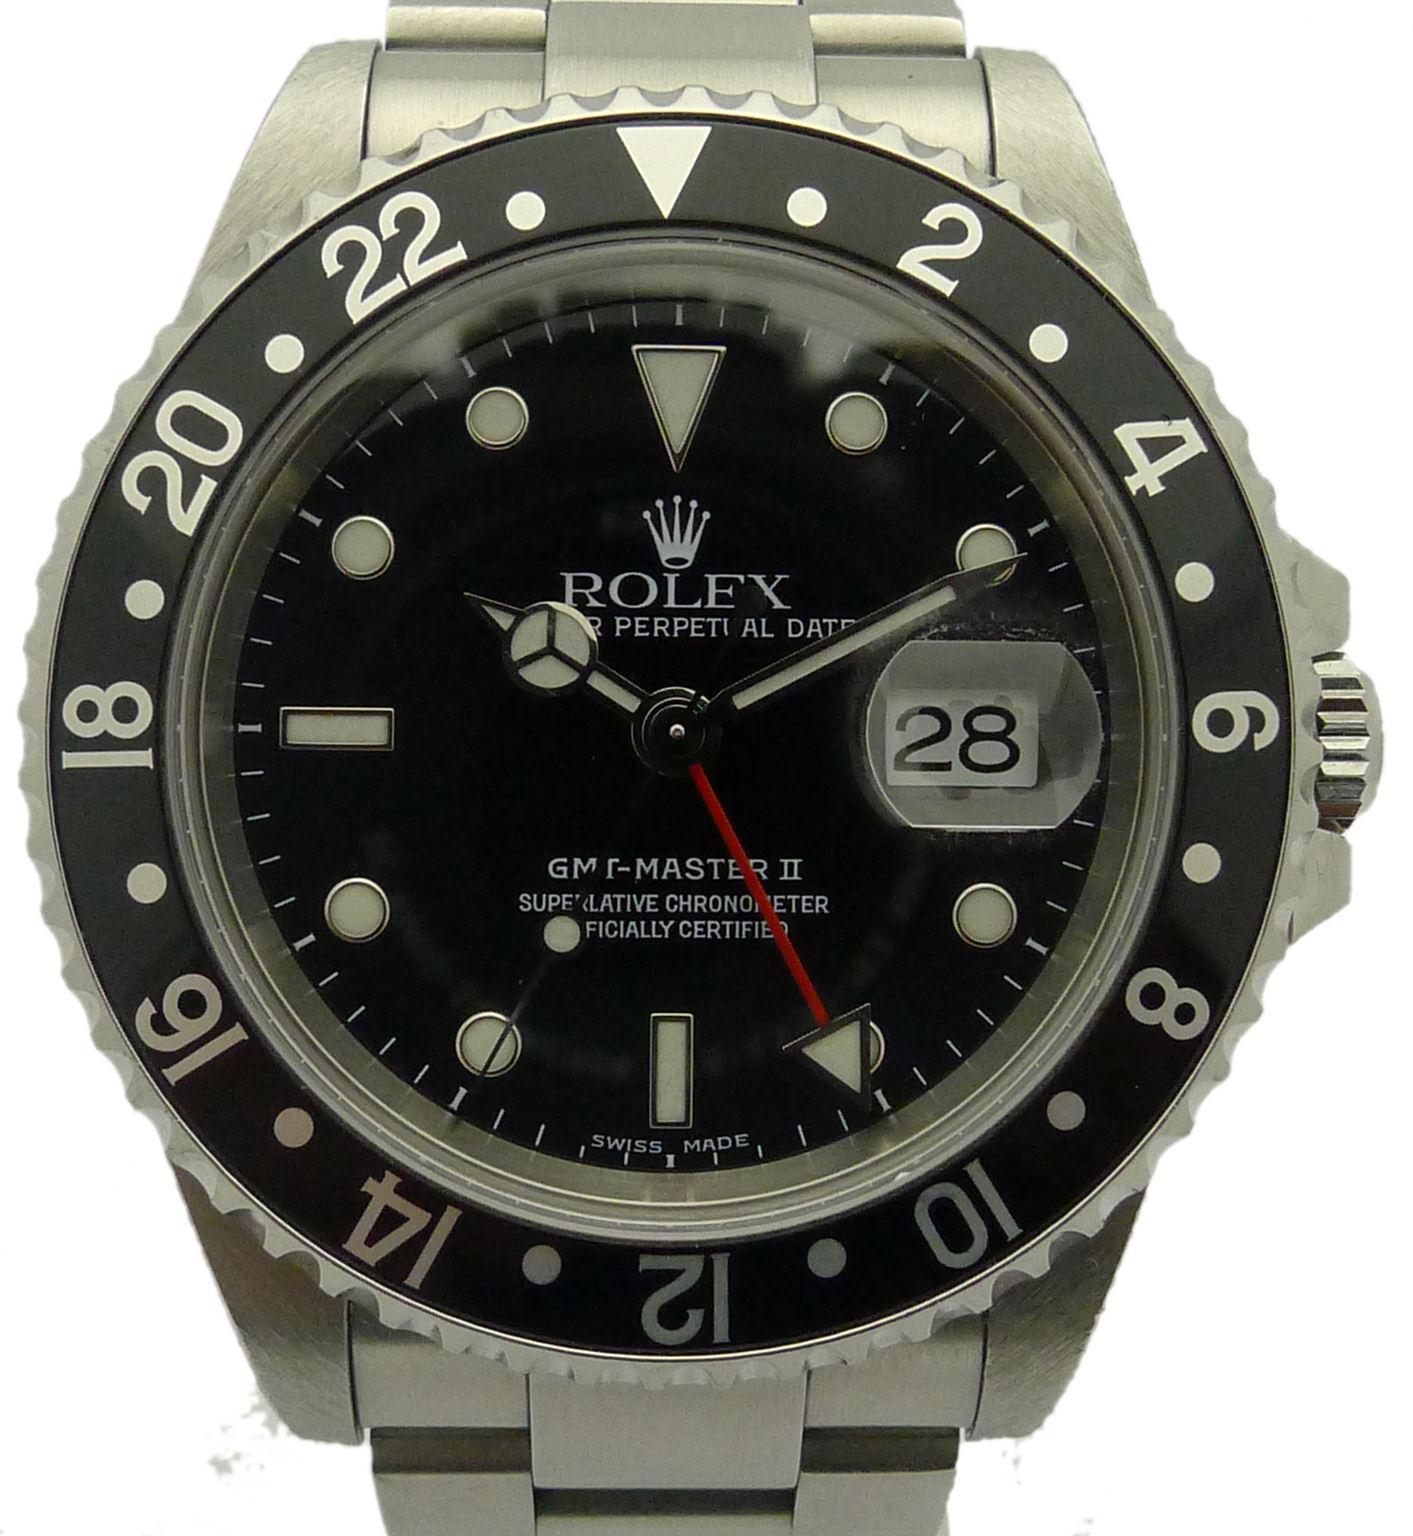 Rolex-Fake-Watches